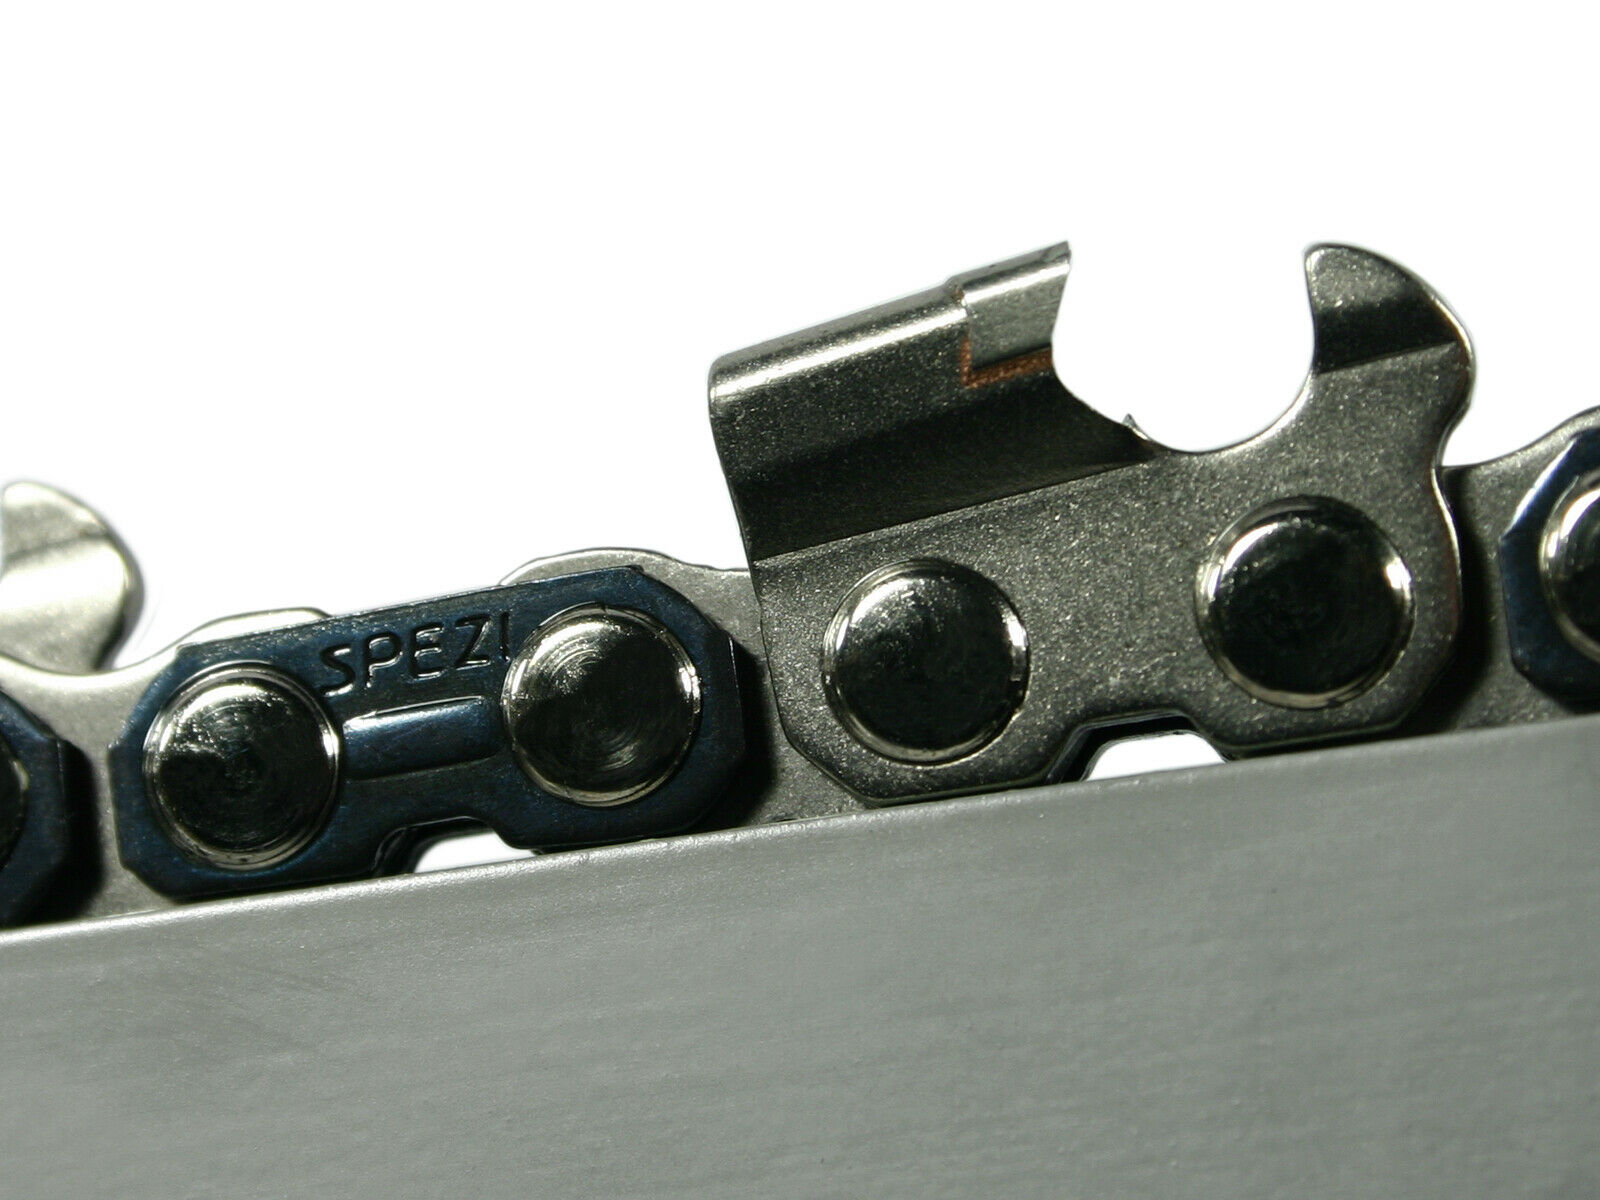 Cadena de sierra de Cocheburo adecuada para Husqvarna 281 50 cm 3 8  72 TG 1.5 mm Cocheburo